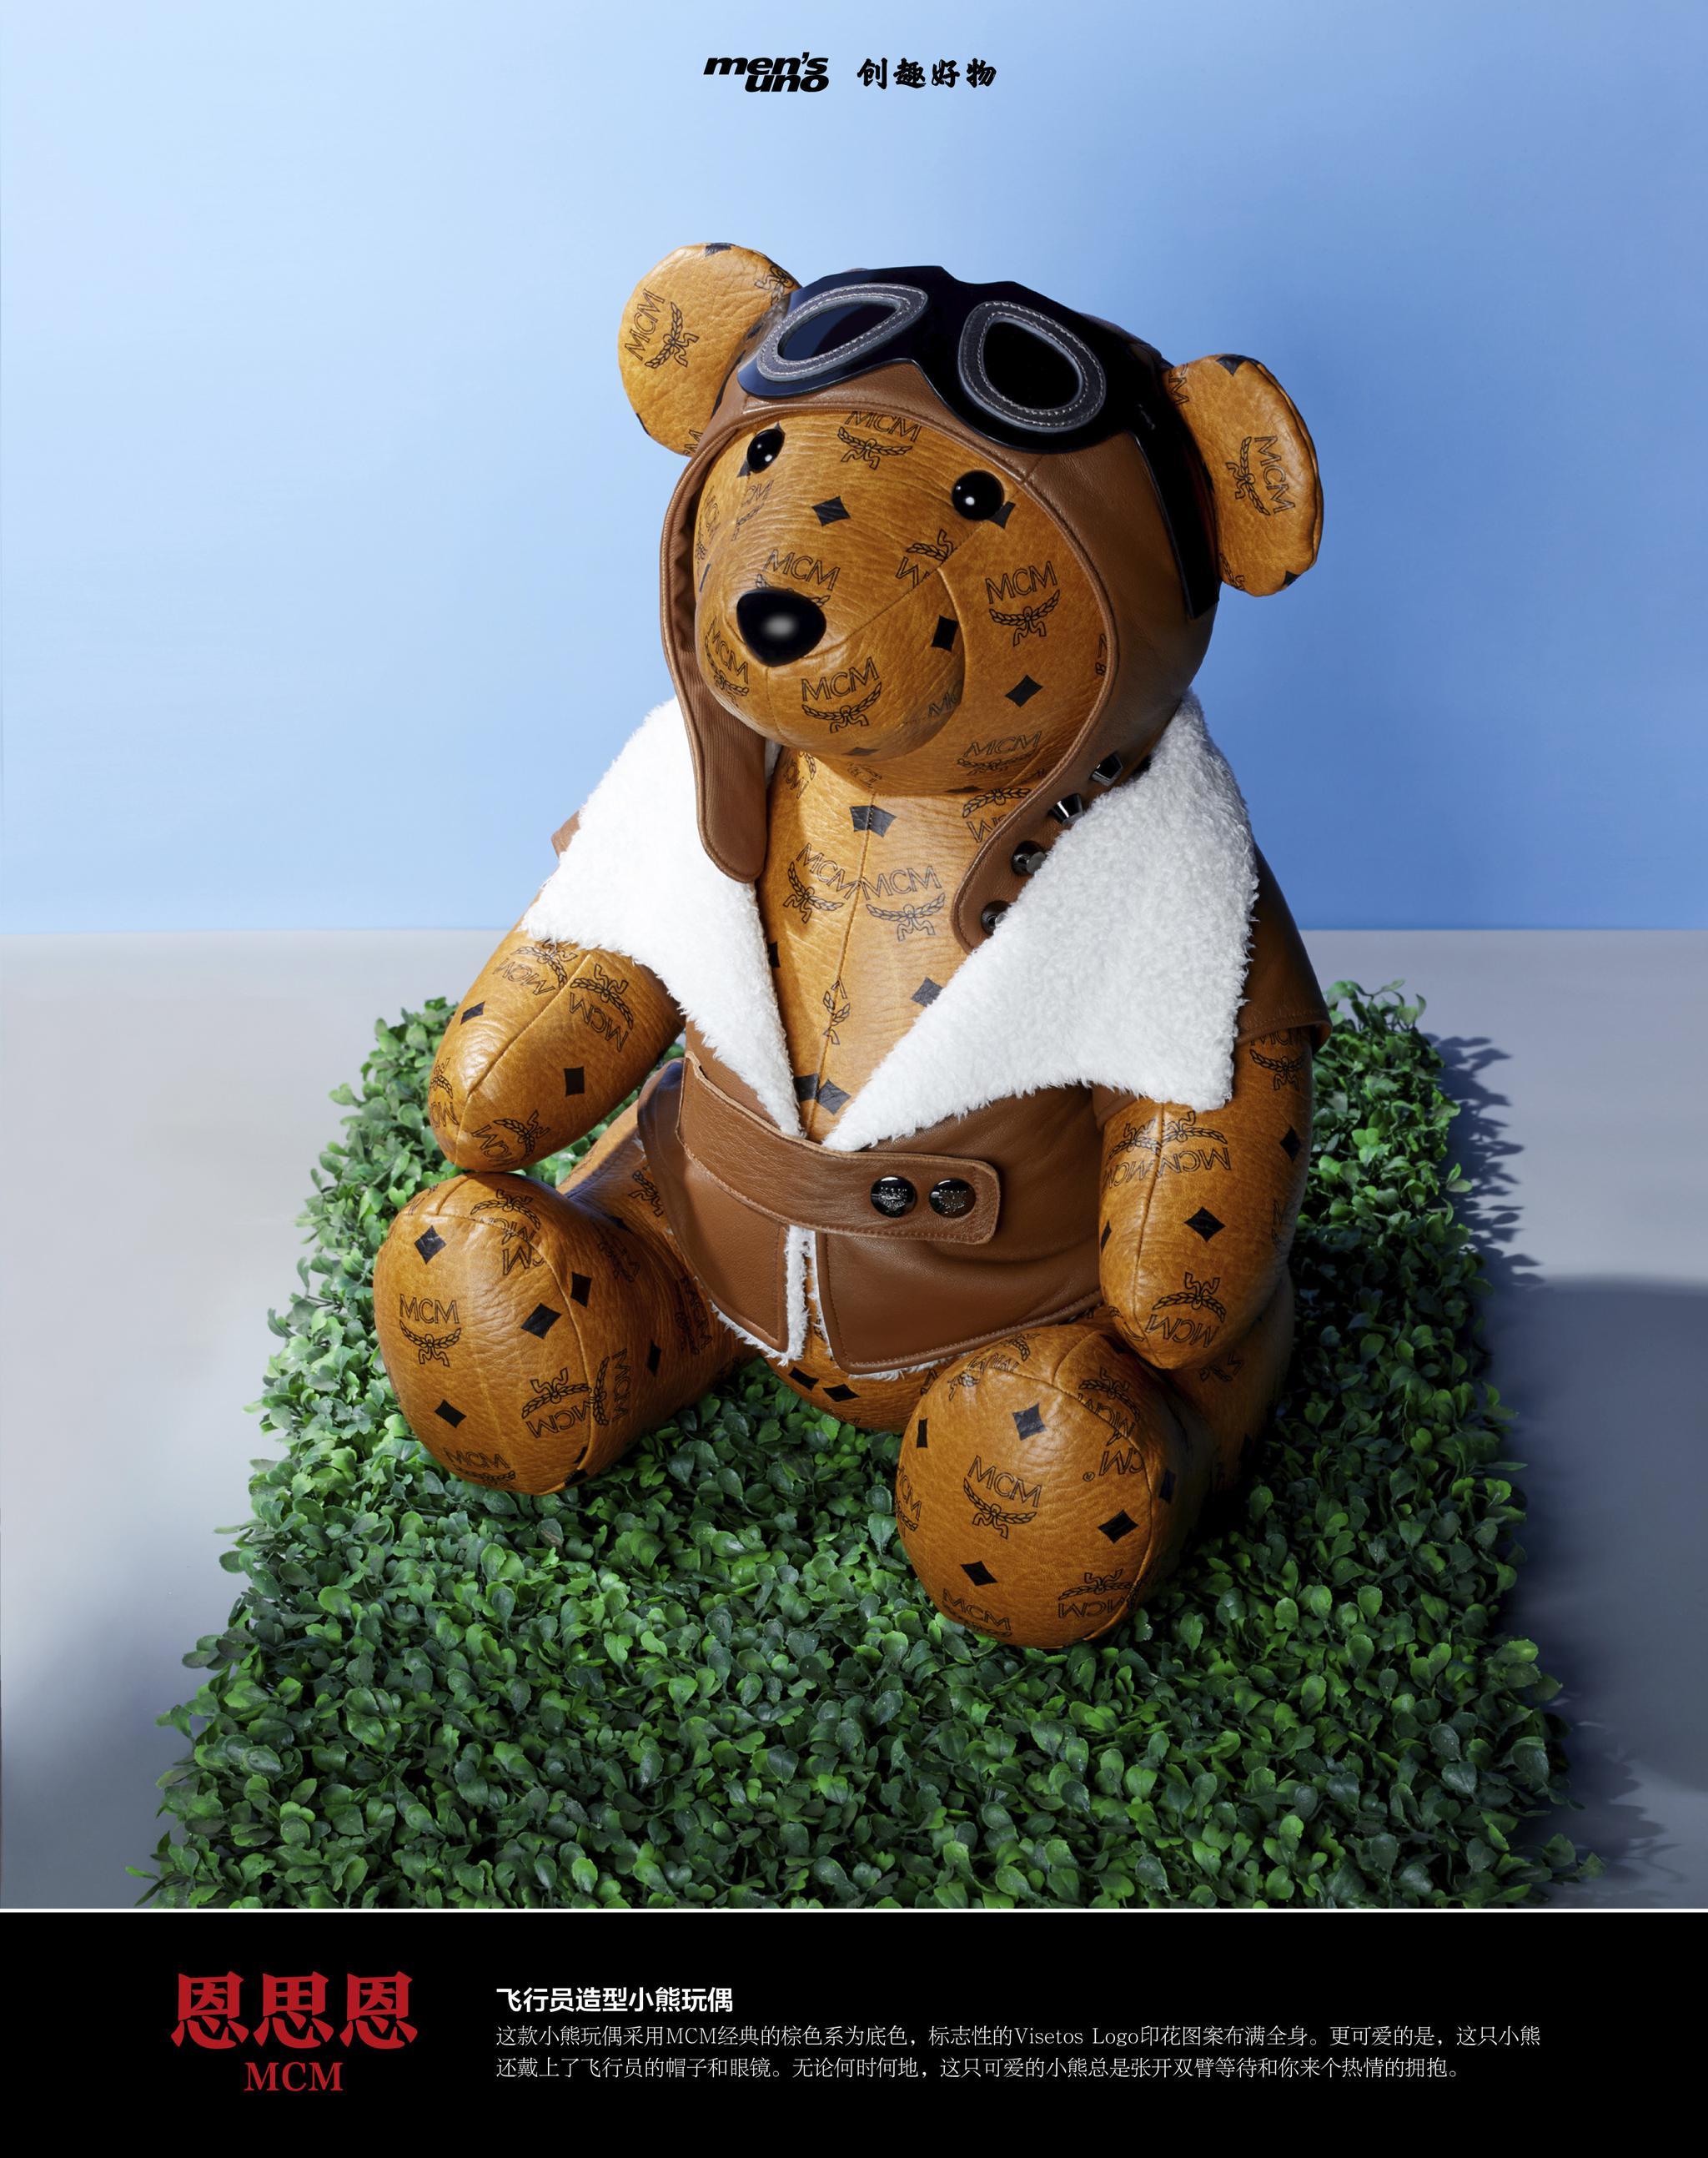 这款小熊玩偶采用MCM经典的棕色系为底色……